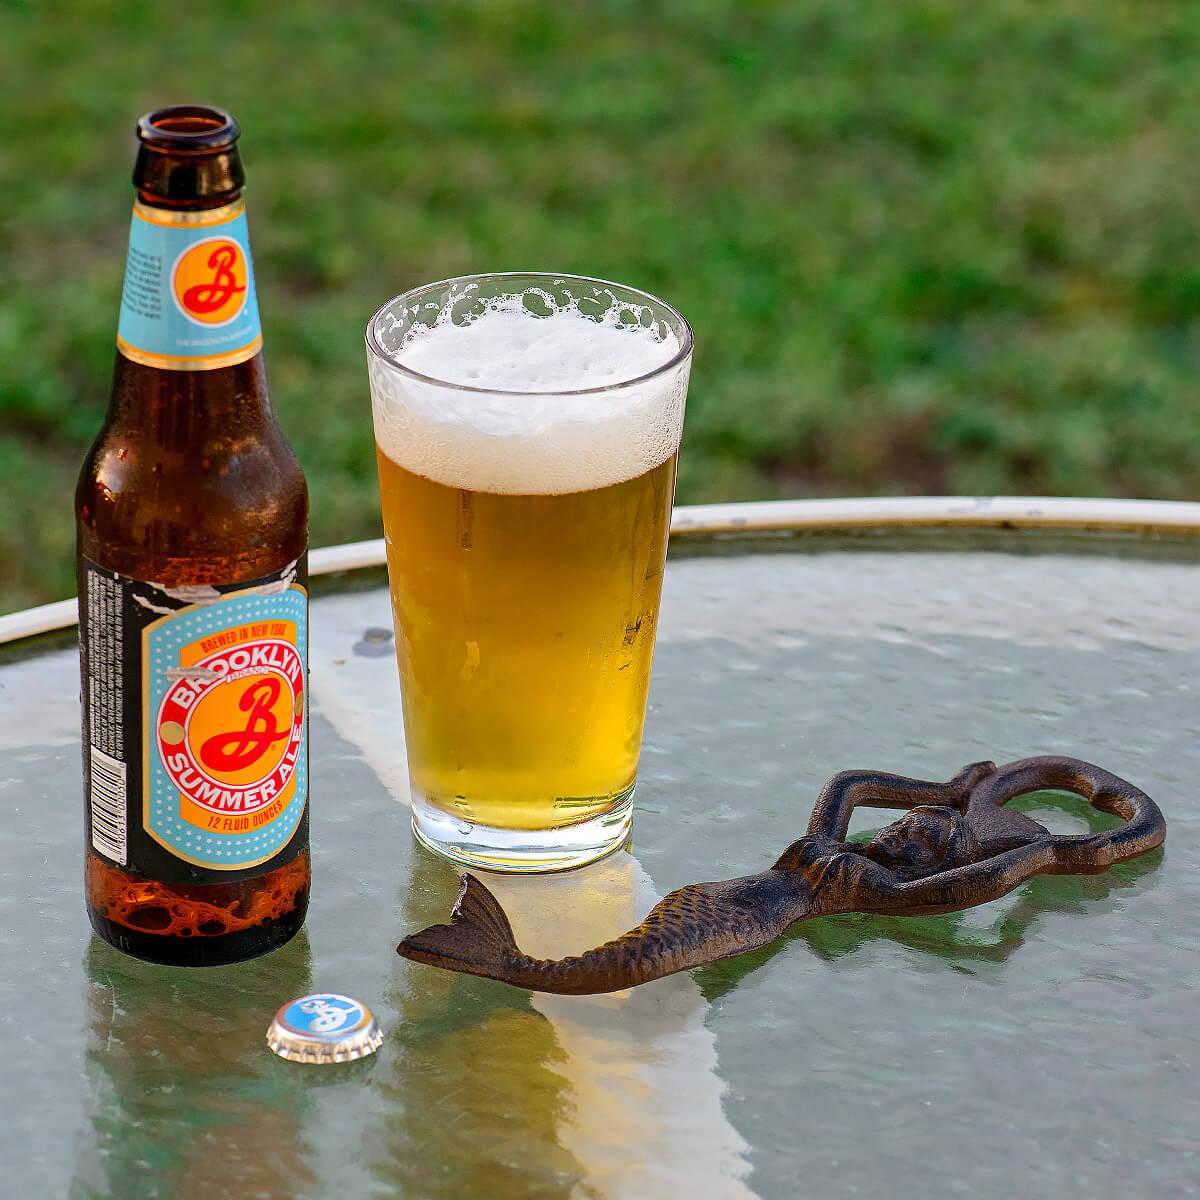 Brooklyn Summer Ale, an English Pale Ale by Brooklyn Brewery